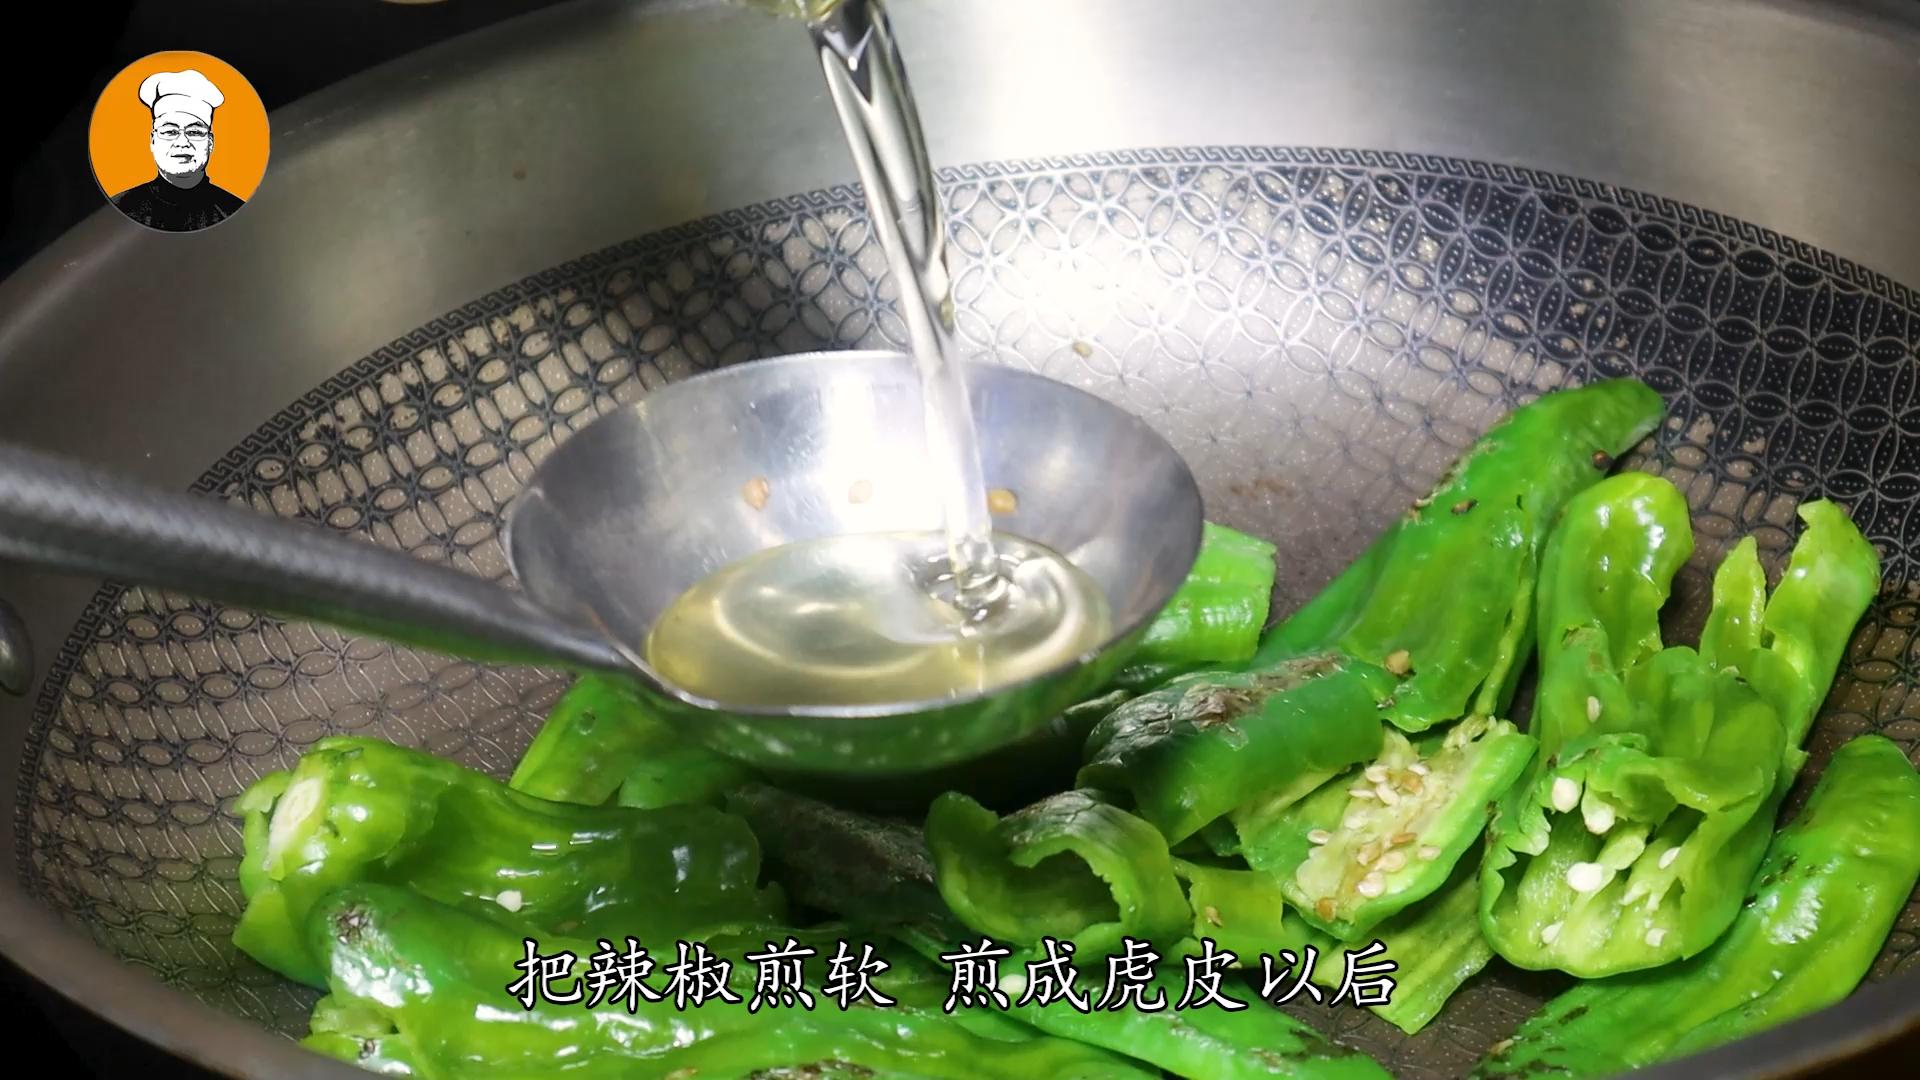 """辣椒加皮蛋,教你湖南特色菜""""擂椒皮蛋"""",令人食欲大增的下饭菜"""